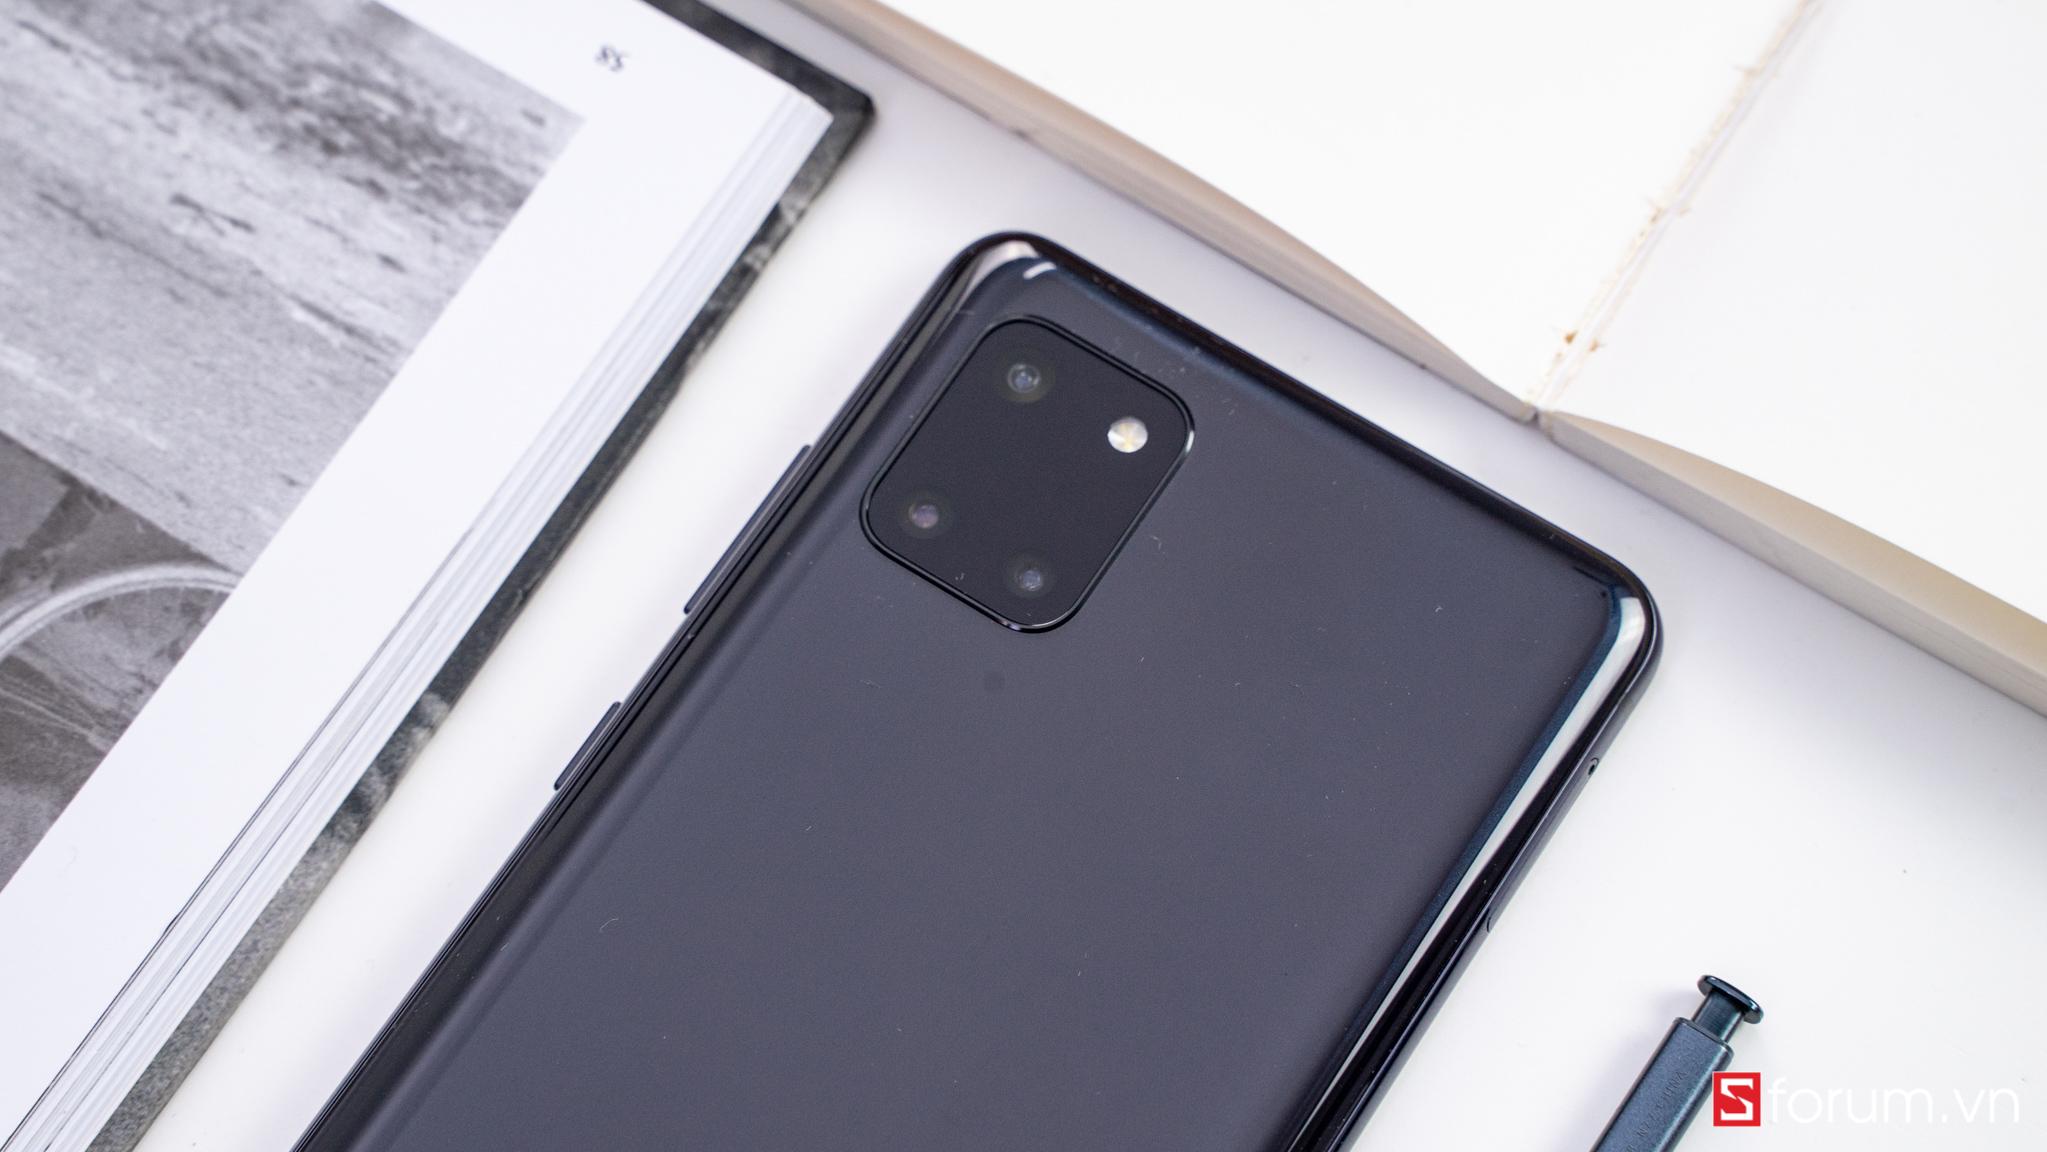 Sforum - Trang thông tin công nghệ mới nhất Galaxy-Note-10-lite-03697 Đánh giá Galaxy Note 10 Lite: Tầm giá 13 triệu Note 10 bản